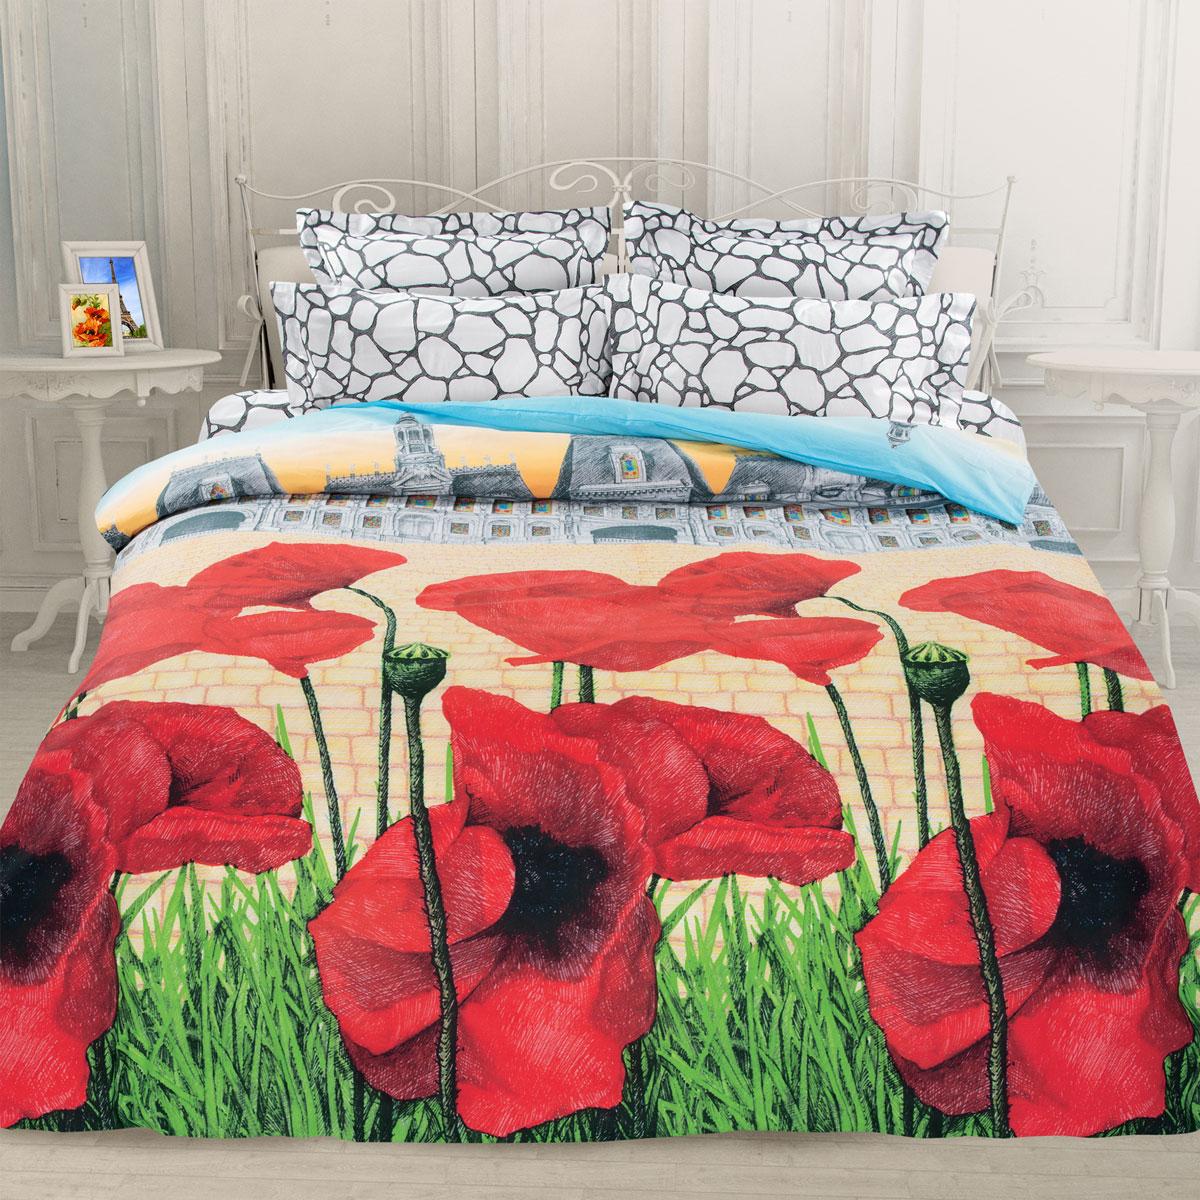 Комплект белья Унисон Французская сказка, 1,5 спальное, наволочки 70 х 70, цвет: красный. 276915276915Постельное белье торговой марки «Унисон Биоматин» - это домашний текстиль премиум класса с эксклюзивными дизайнами в разнообразных стилистических решениях. Комплекты данной серии выполнены из ткани «биоматин» - это 100% хлопок высочайшего качества, мягкий, тонкий и легкий, но при этом прочный, долговечный и очень практичный, с повышенным показателем износостойкости, обладающий грязе- и пылеотталкивающими свойствами, долго сохраняющий чистоту и свежесть постельного белья, гипоаллергенный.